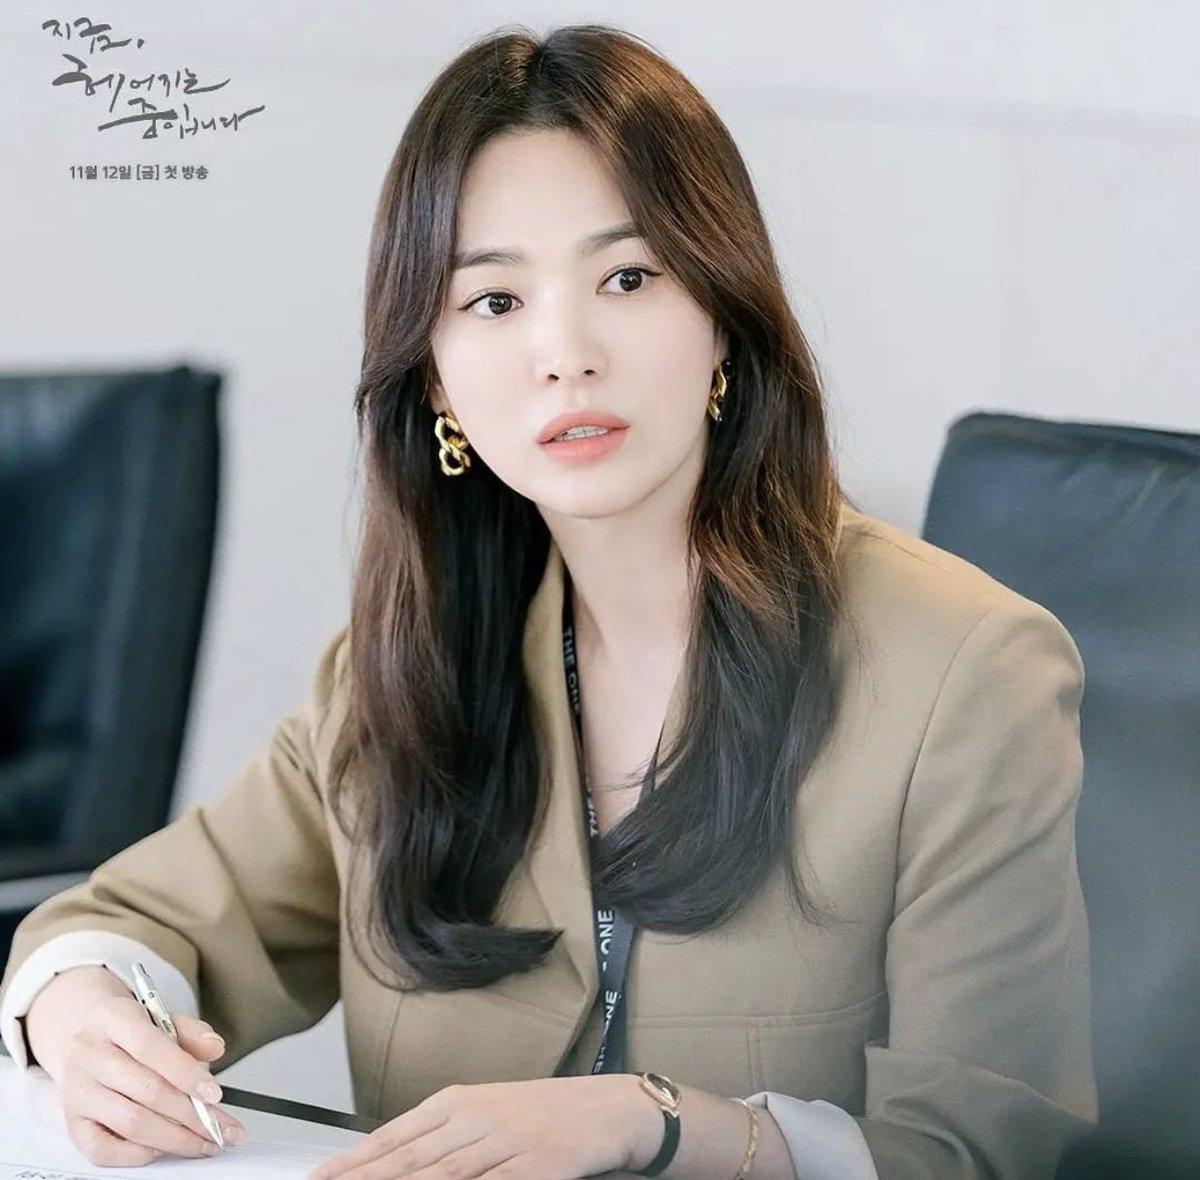 Song hye kyo blazer Blazer của Song Hye Kyo vừa sang lại tôn dáng, từ 200k bạn đã sắm được kiểu na ná - Ảnh 1.